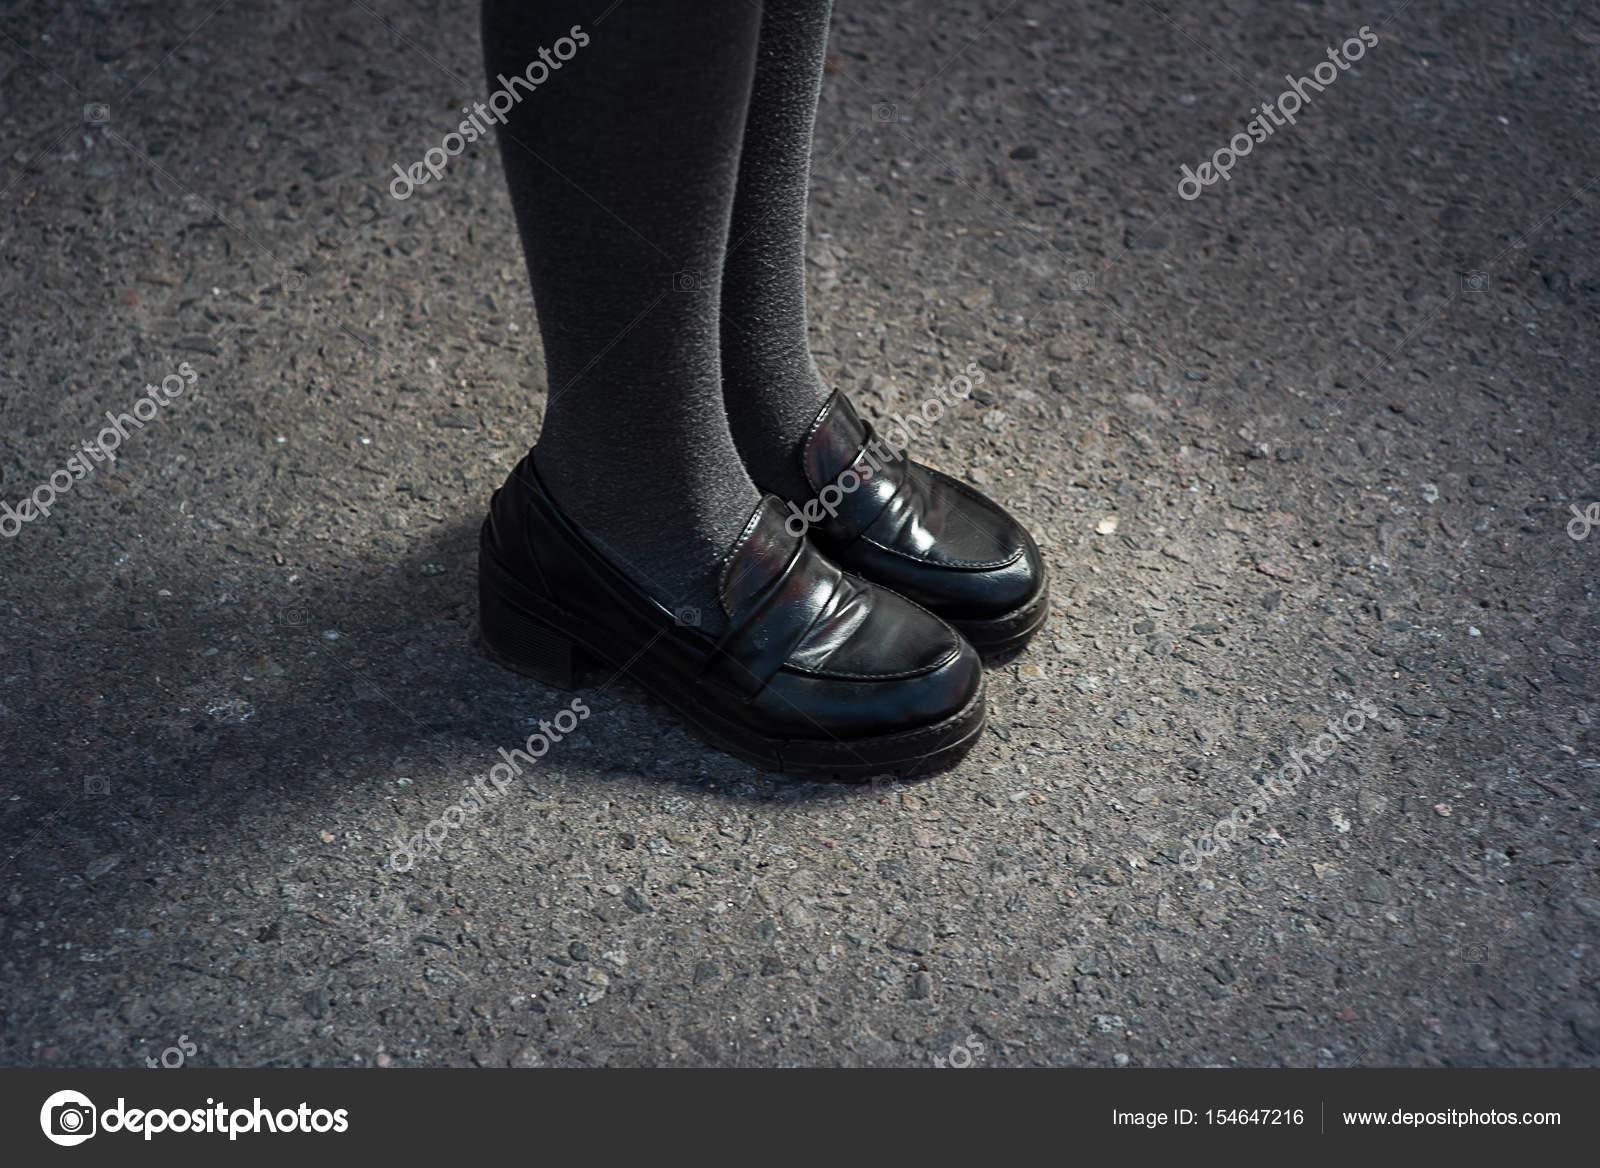 zapatos en de mujeres Piernas sobre asfalto jóvenes elegantes hermosas negros AXS6x7HW